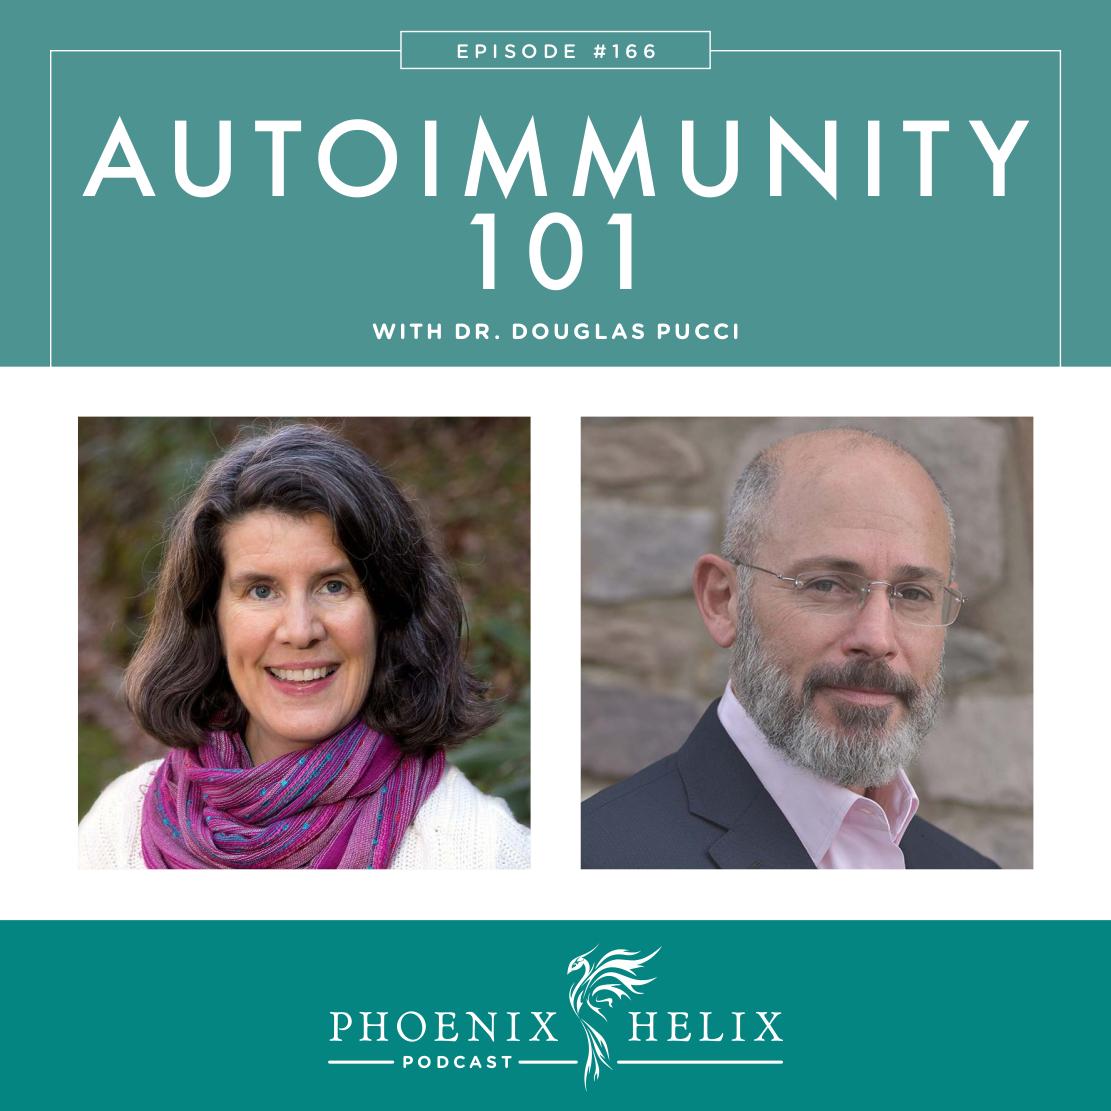 Autoimmunity 101 with Dr. Douglas Pucci   Phoenix Helix Podcast